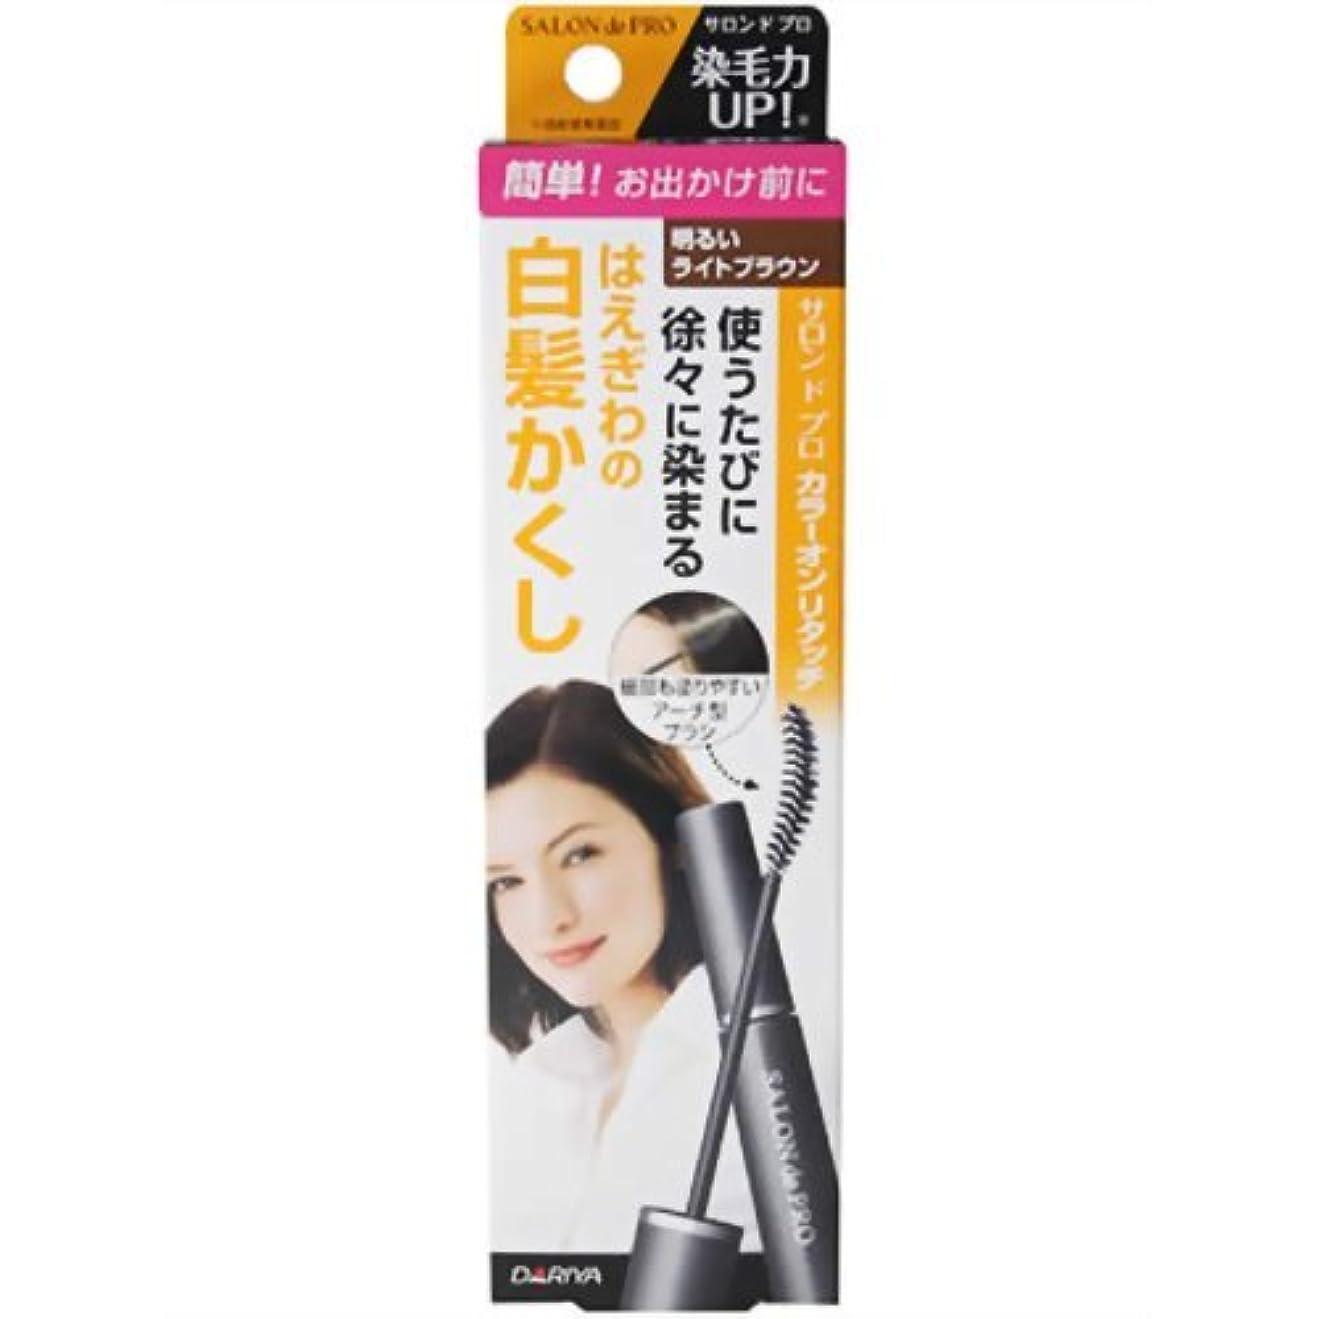 特異な権限を与える長くするサロンドプロカラーオンリタッチ白髪かくし 明るいライトブラウン       15ML × 5個セット